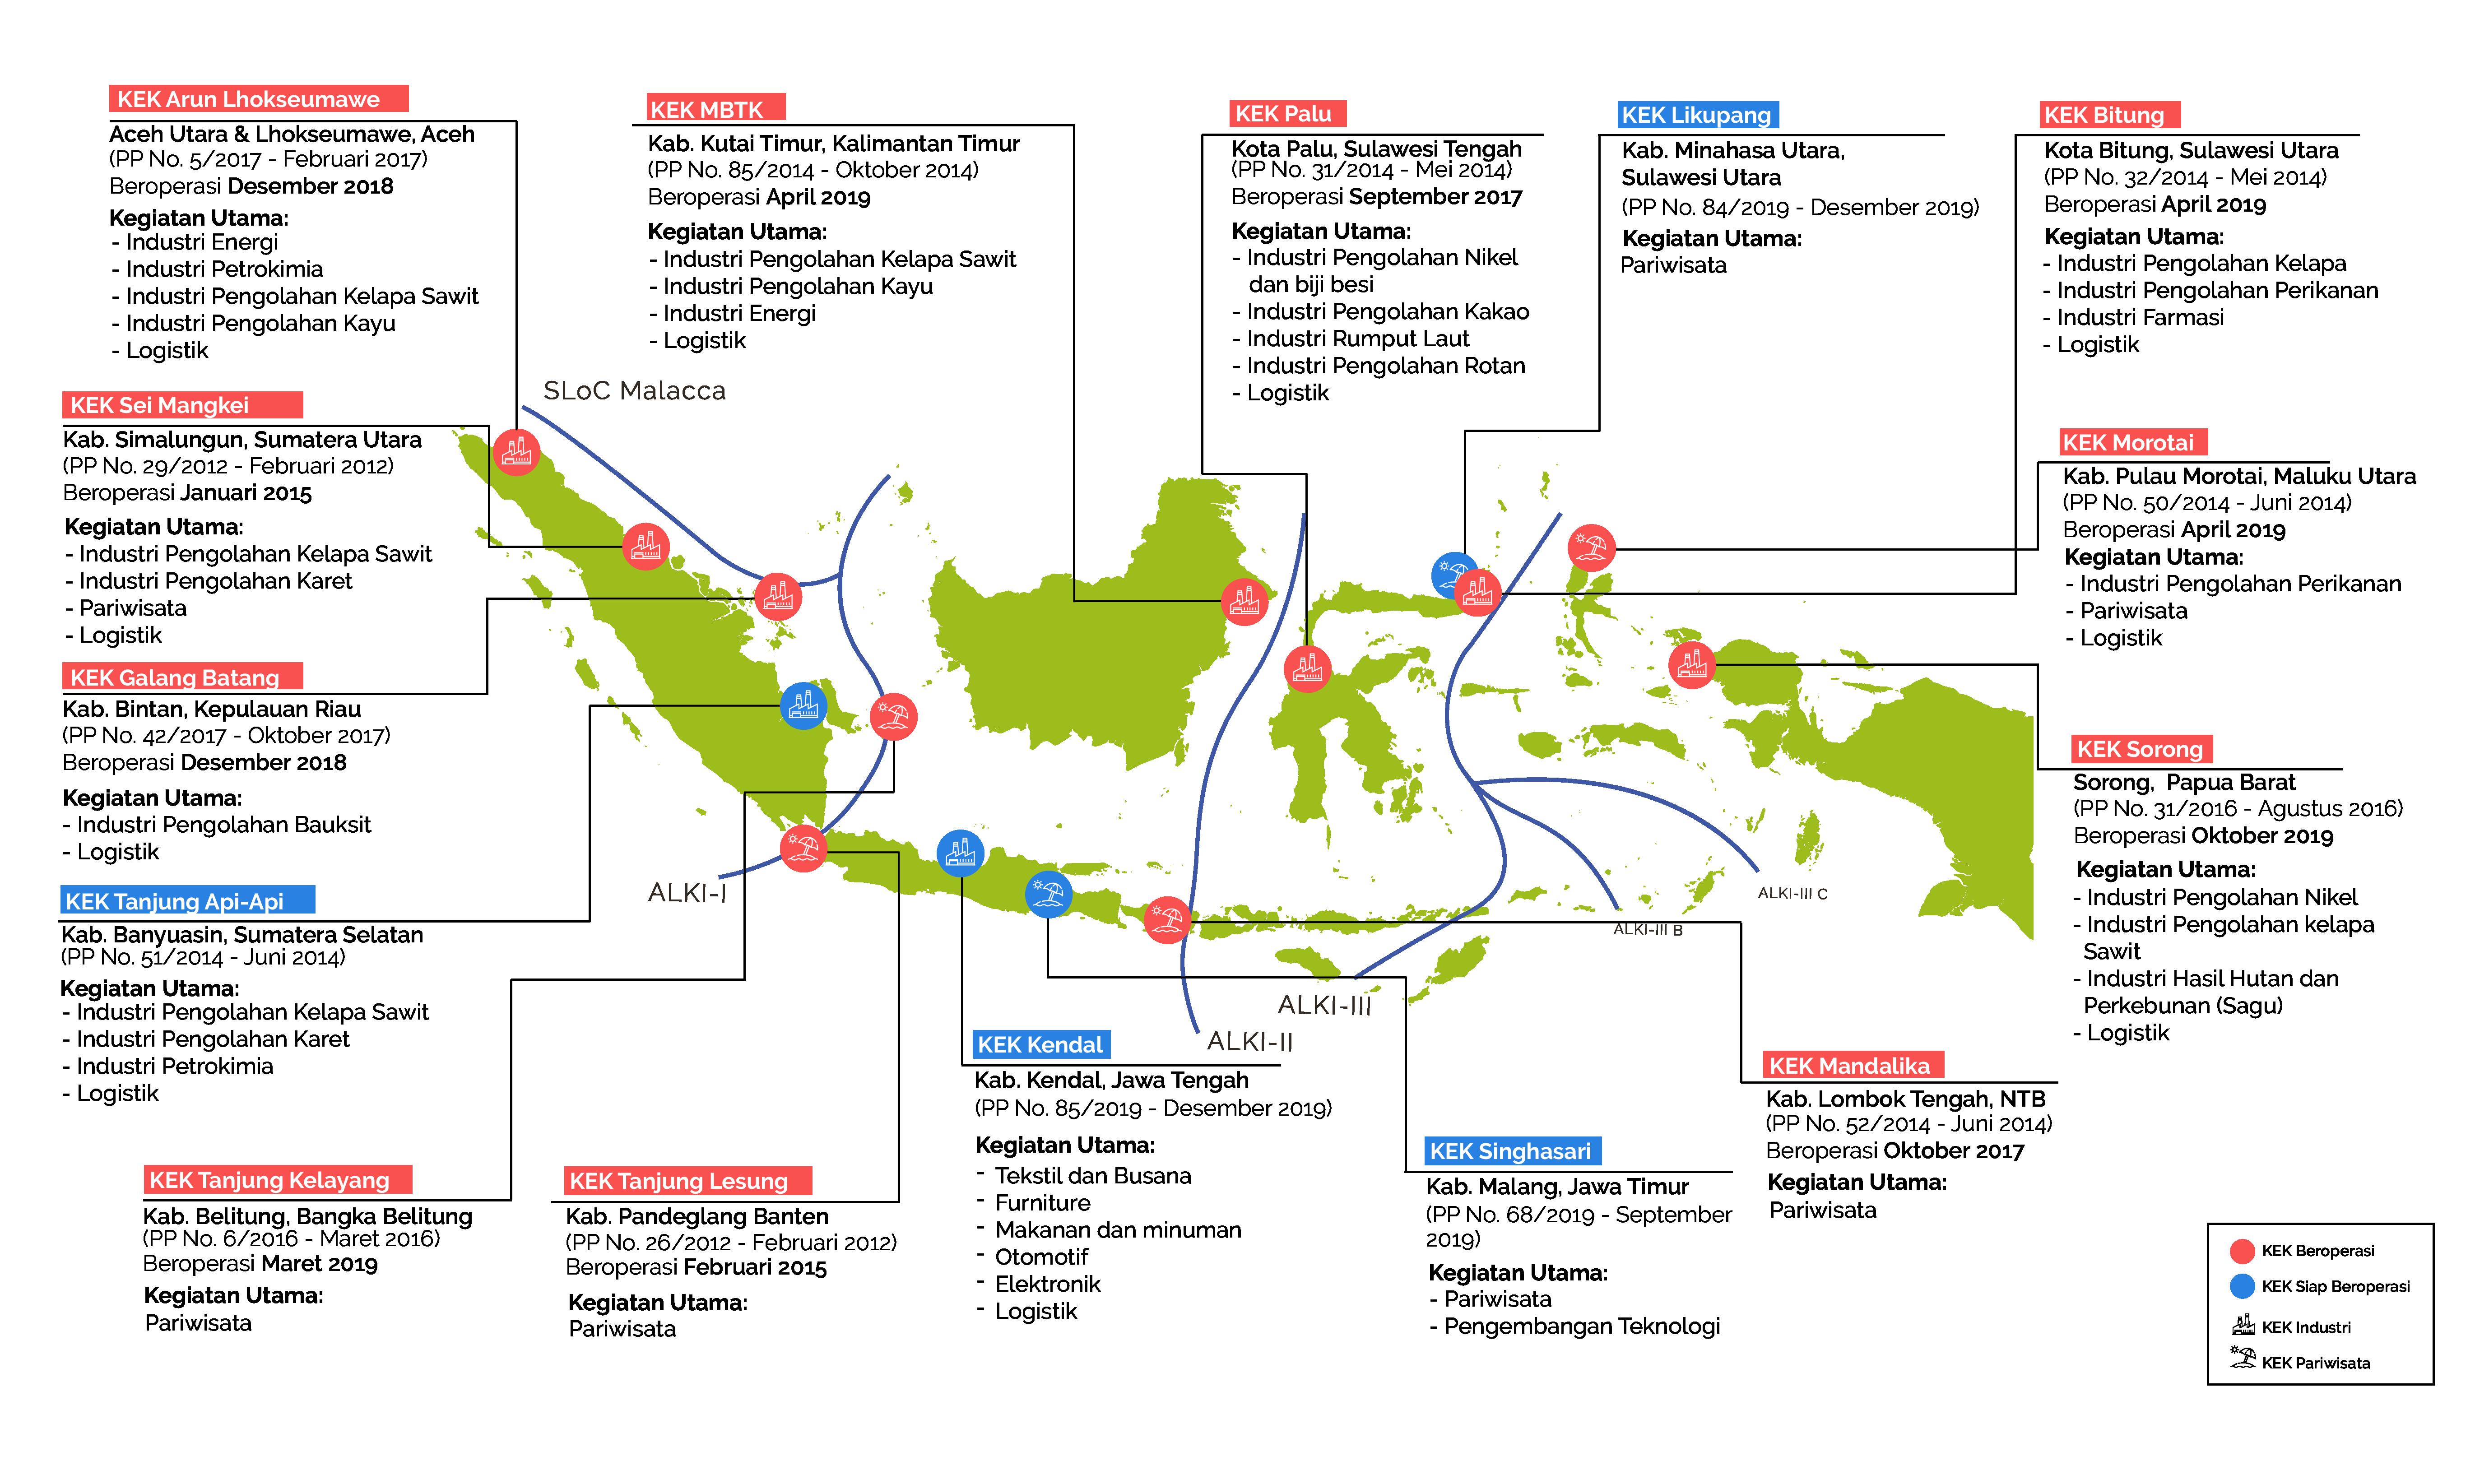 Peta-Sebaran-KEK-Indonesia_20200217153755